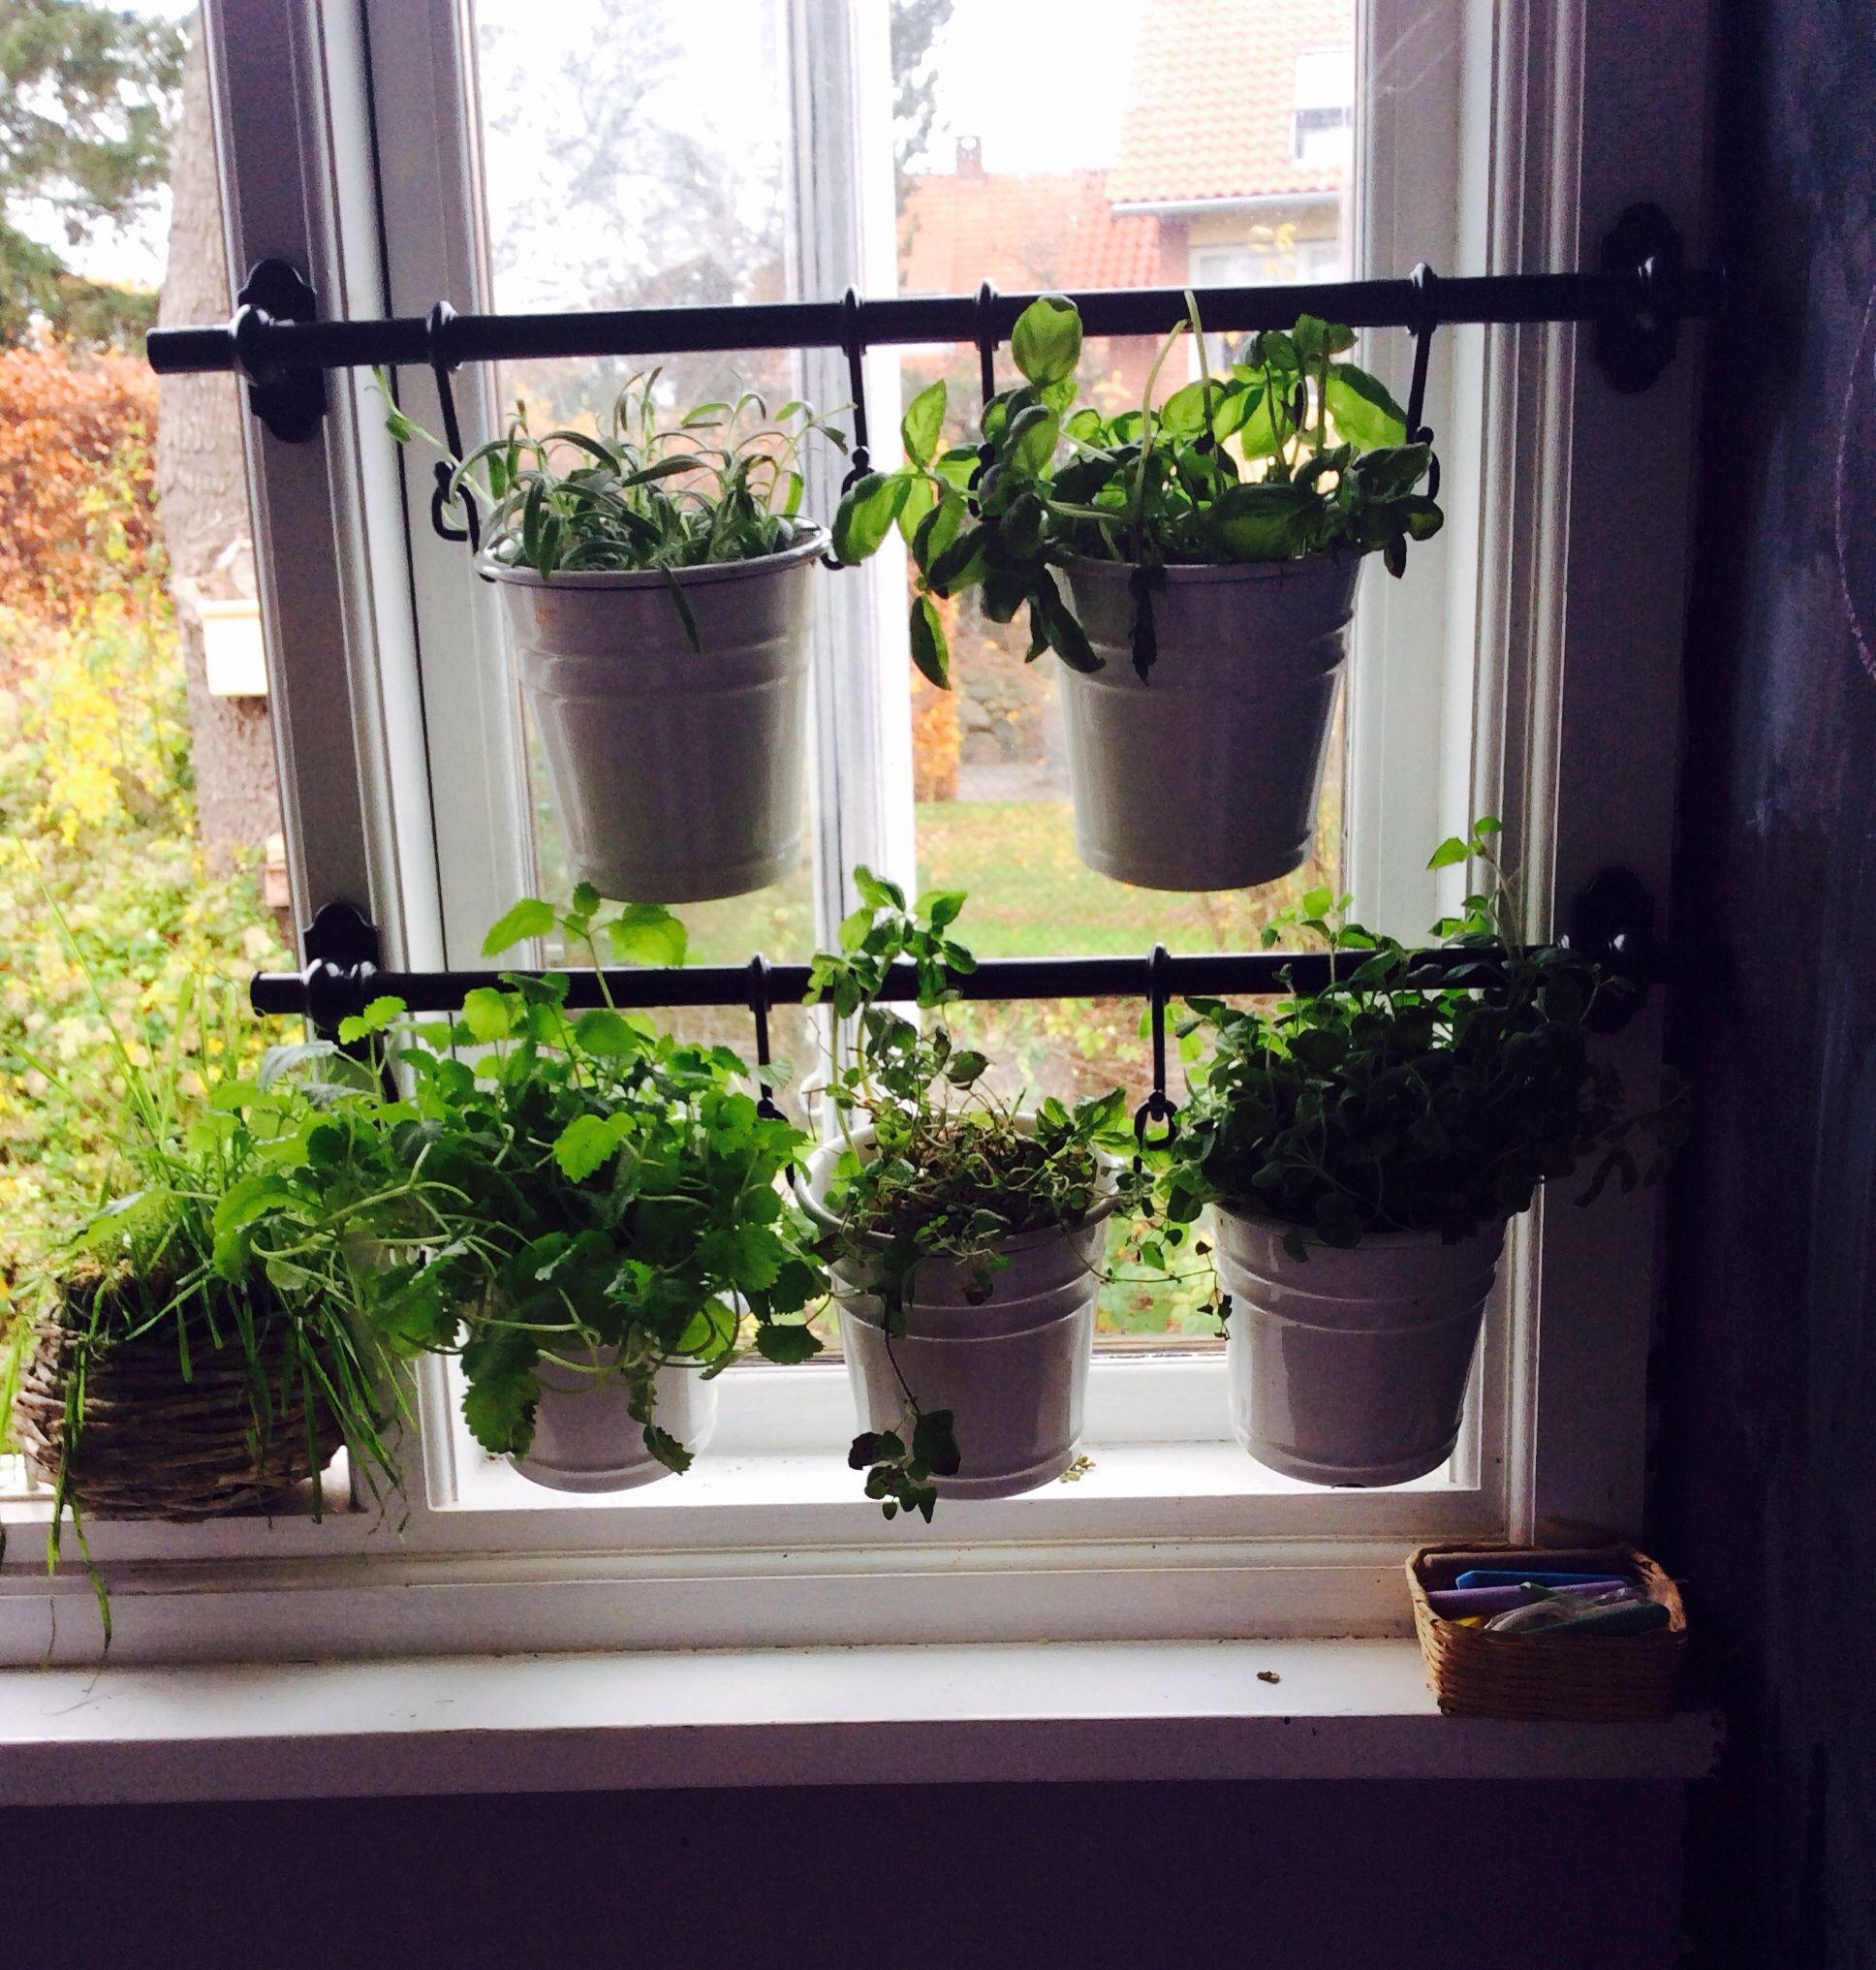 a tiny winter herb garden in my kitchen kitchen window sill window box garden ideas diy cheap on kitchen garden id=23136